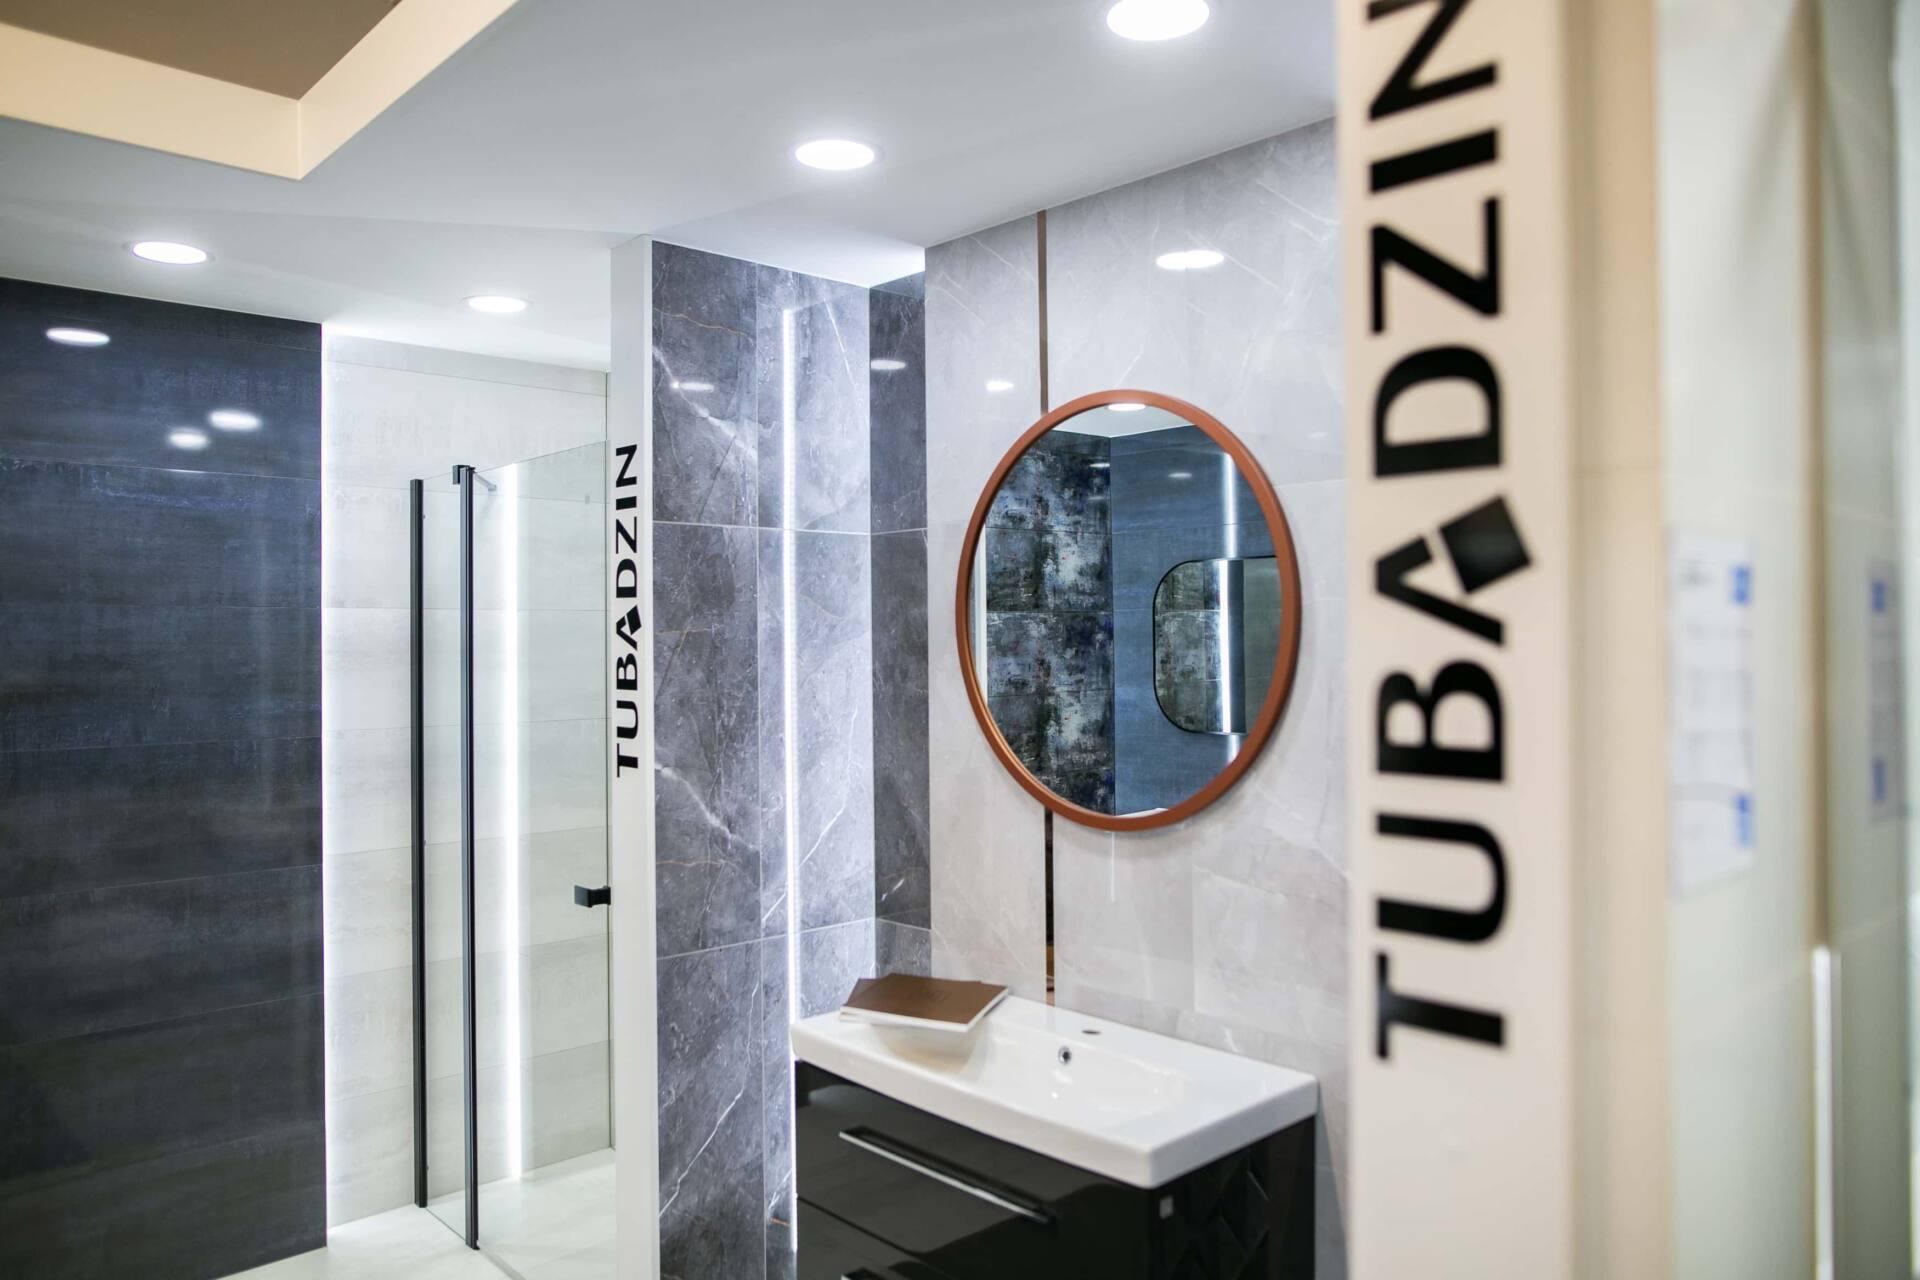 5db 5569 Salon BLU: na ponad 500 m2., 36 łazienkowych aranżacji i bogata ekspozycja wyposażenia (zdjęcia)